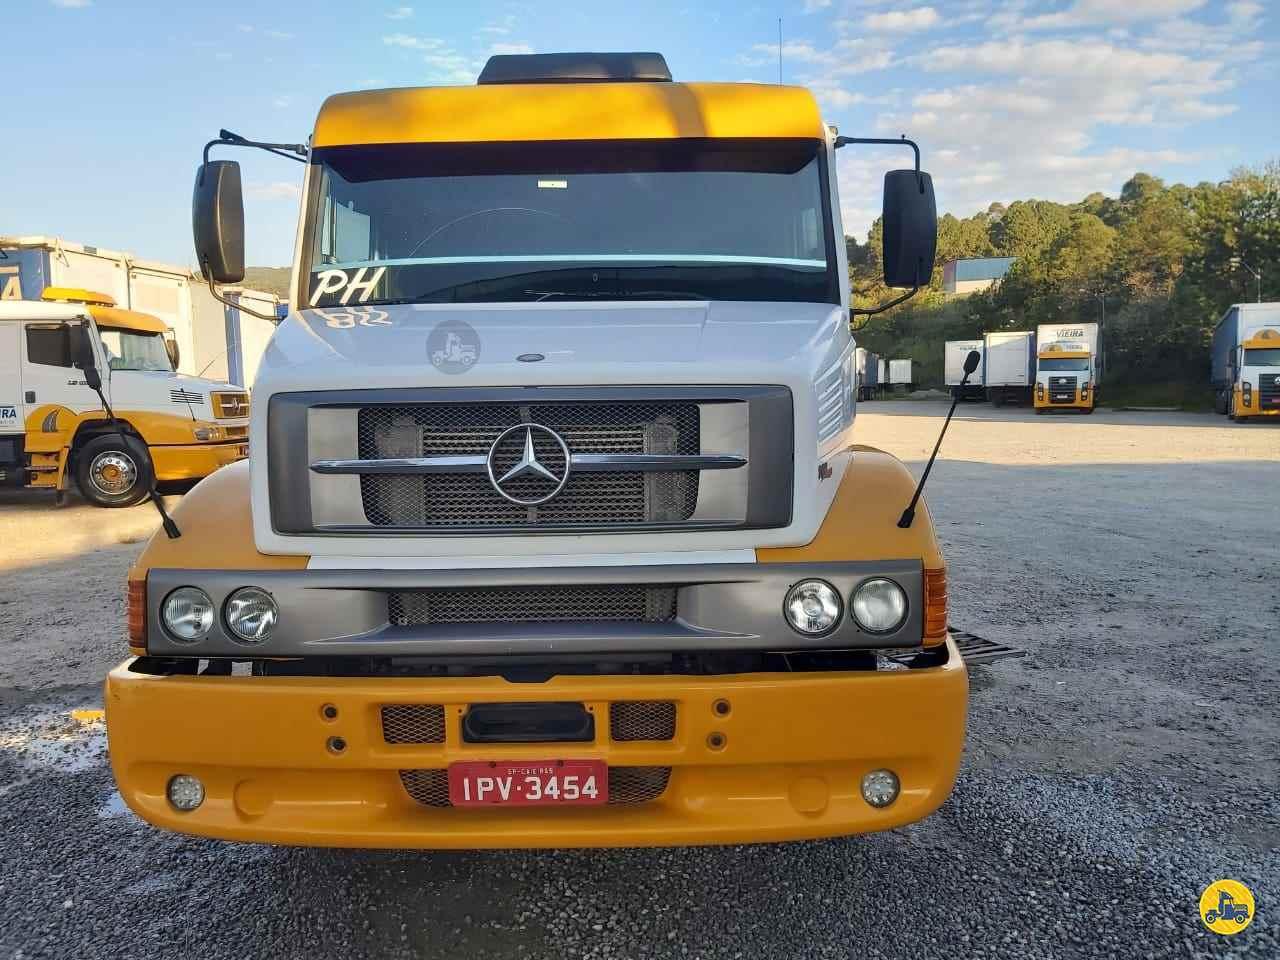 CAMINHAO MERCEDES-BENZ MB 1634 Cavalo Mecânico Toco 4x2 Vieira Transportes  CAIEIRAS SÃO PAULO SP